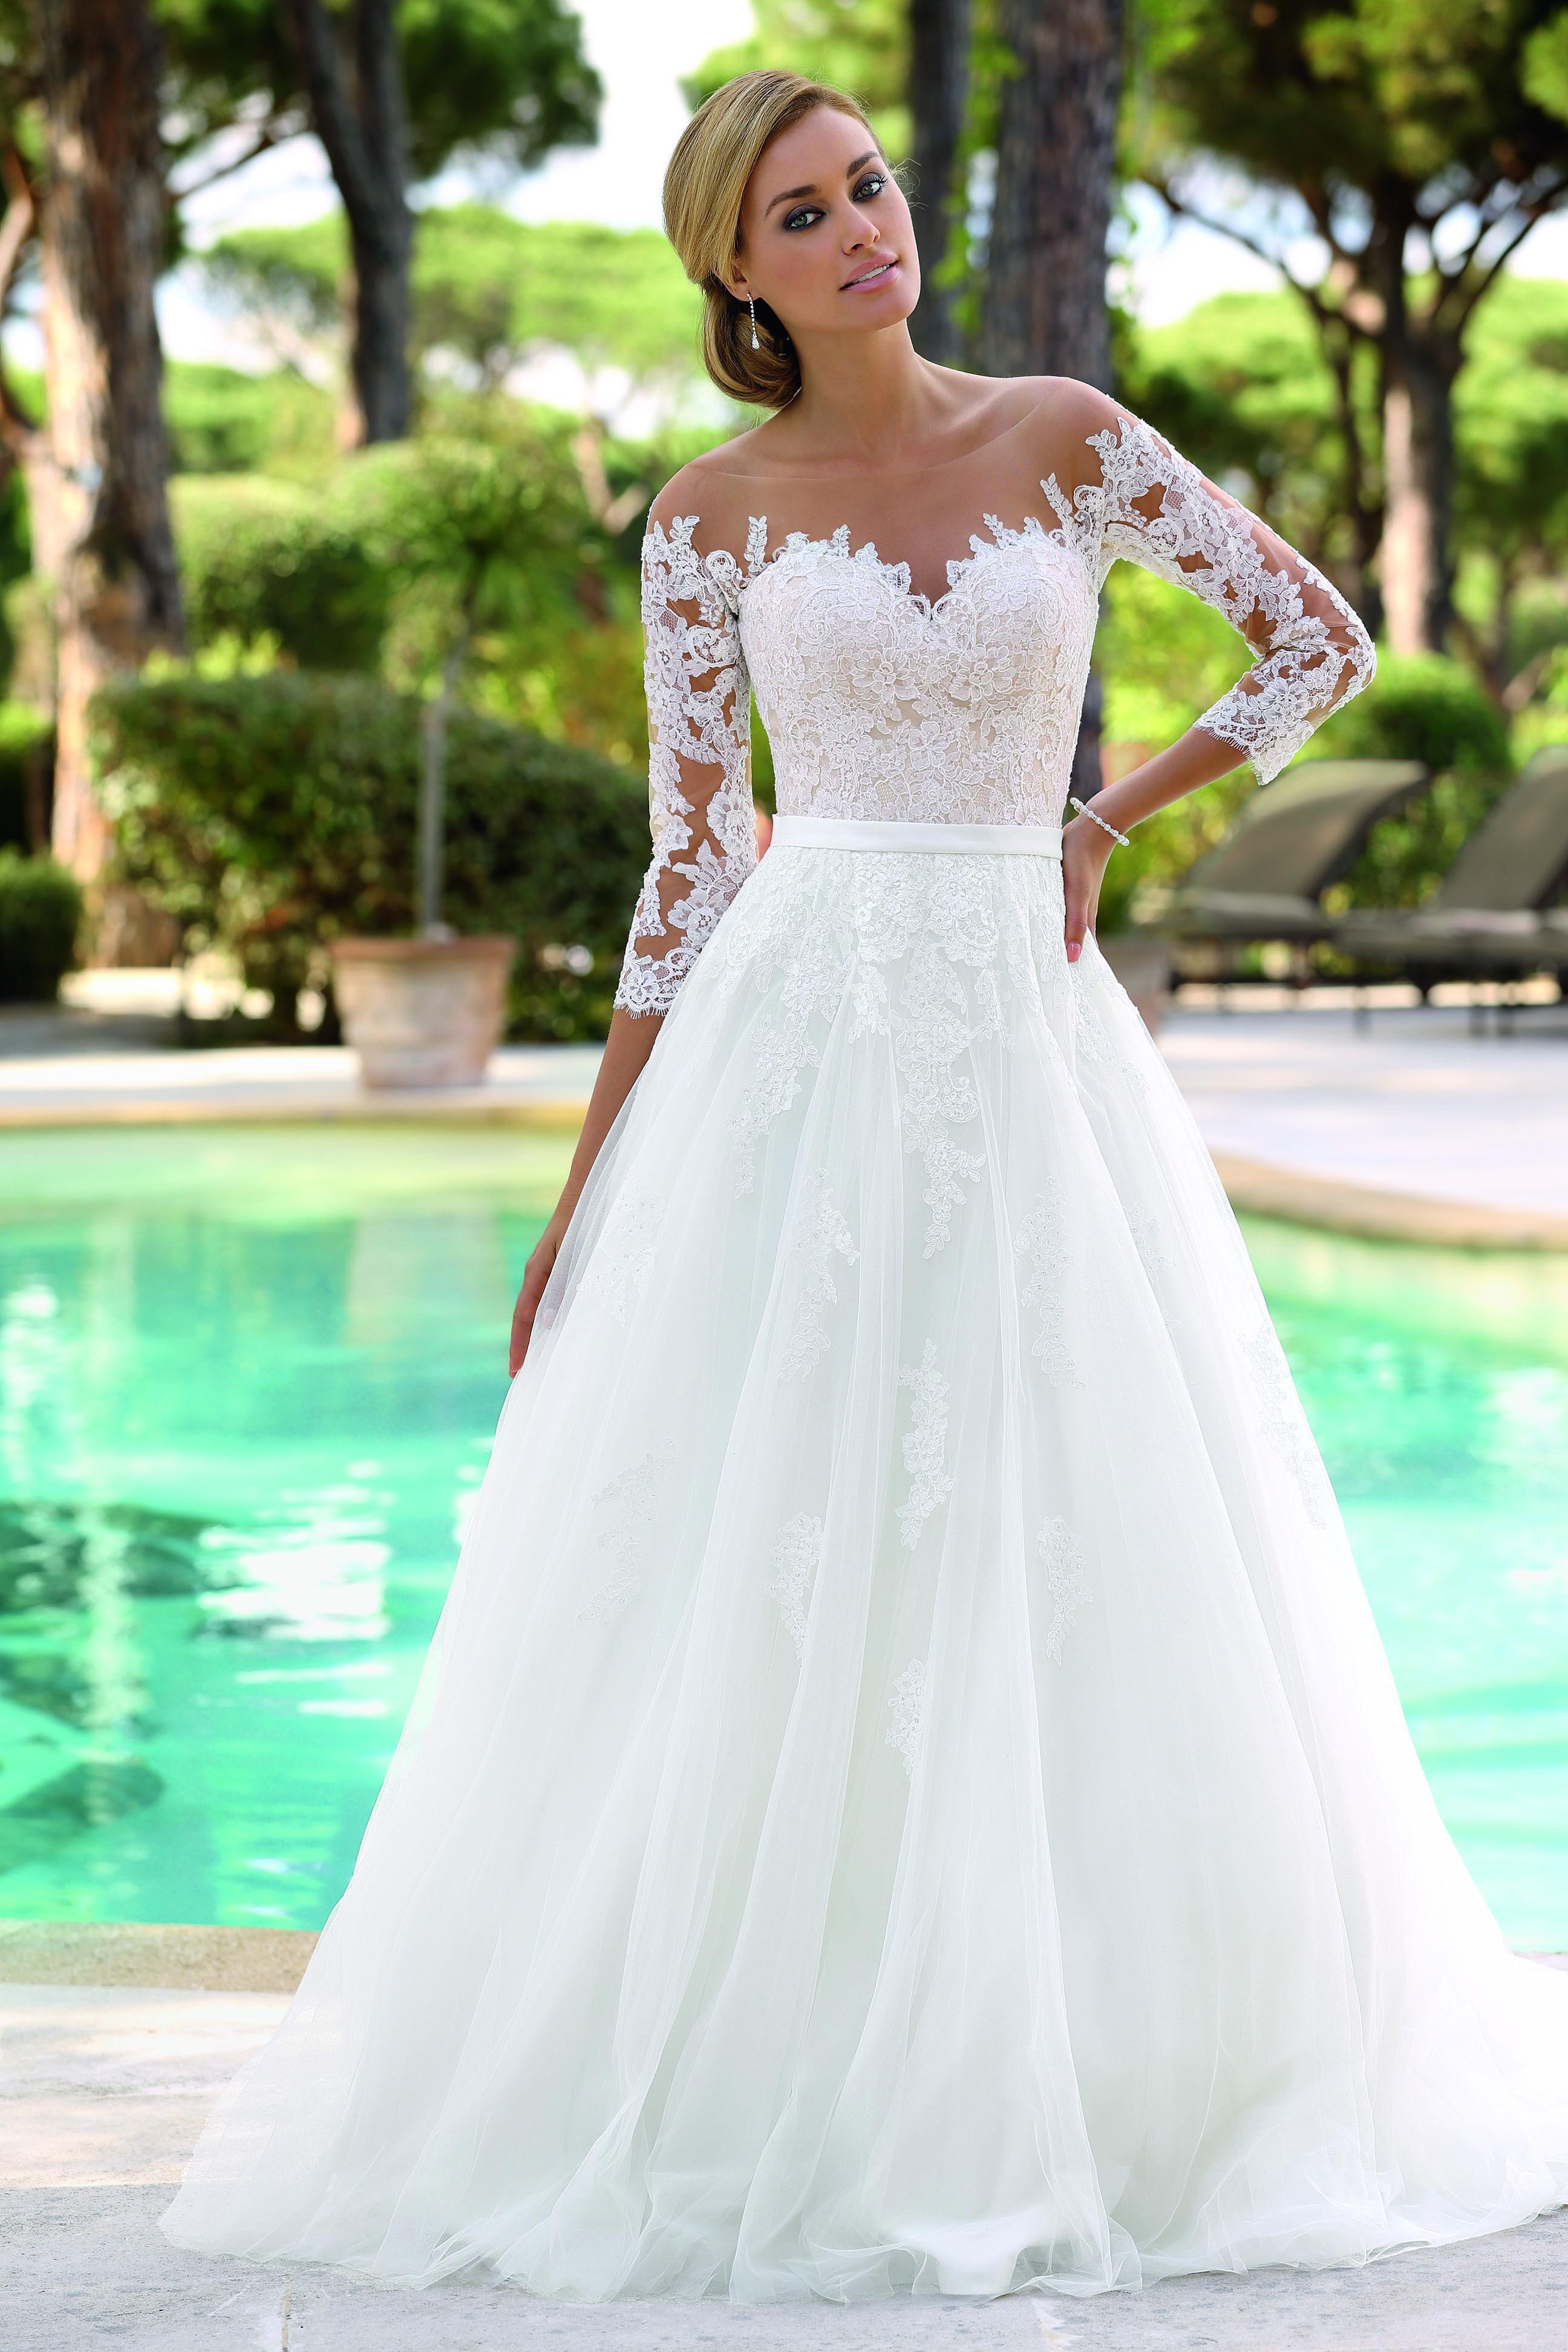 bb574471d75 På denna avdelning finns ett stort utbud med beställningsbara klänningar  till ordinarie priser. Populära märken som Alfred Angelo